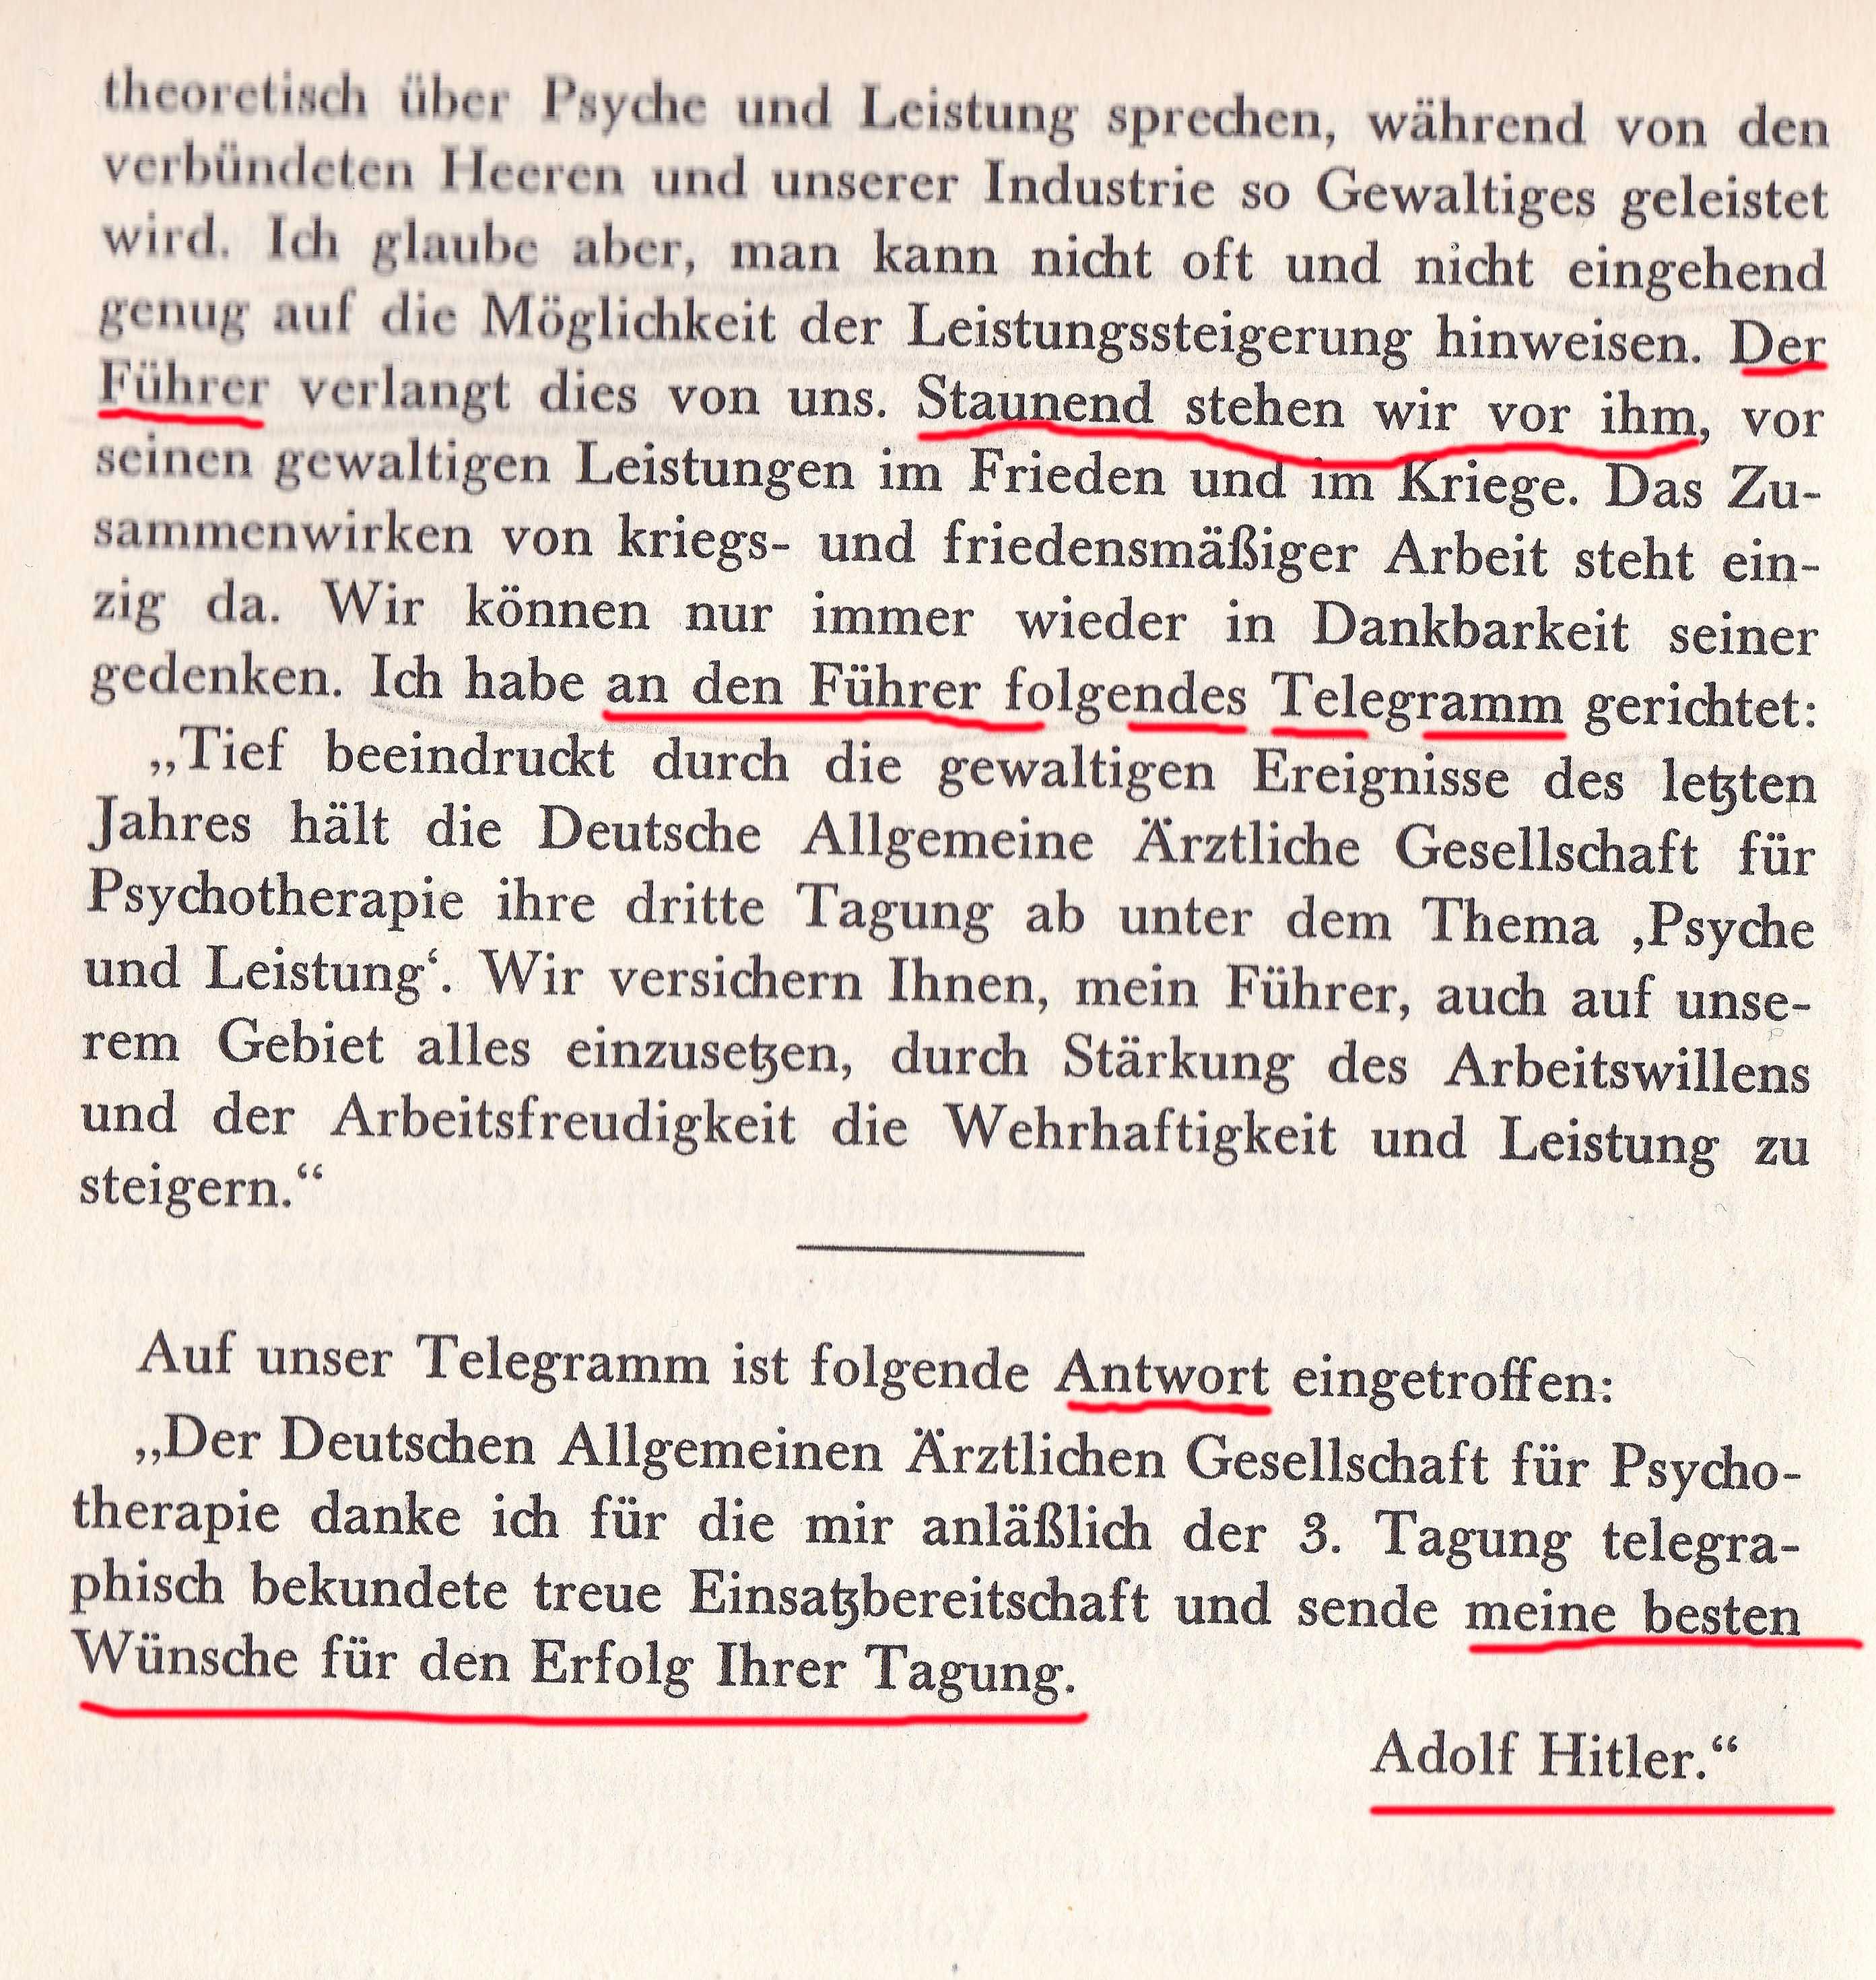 Telegramm an Hitler